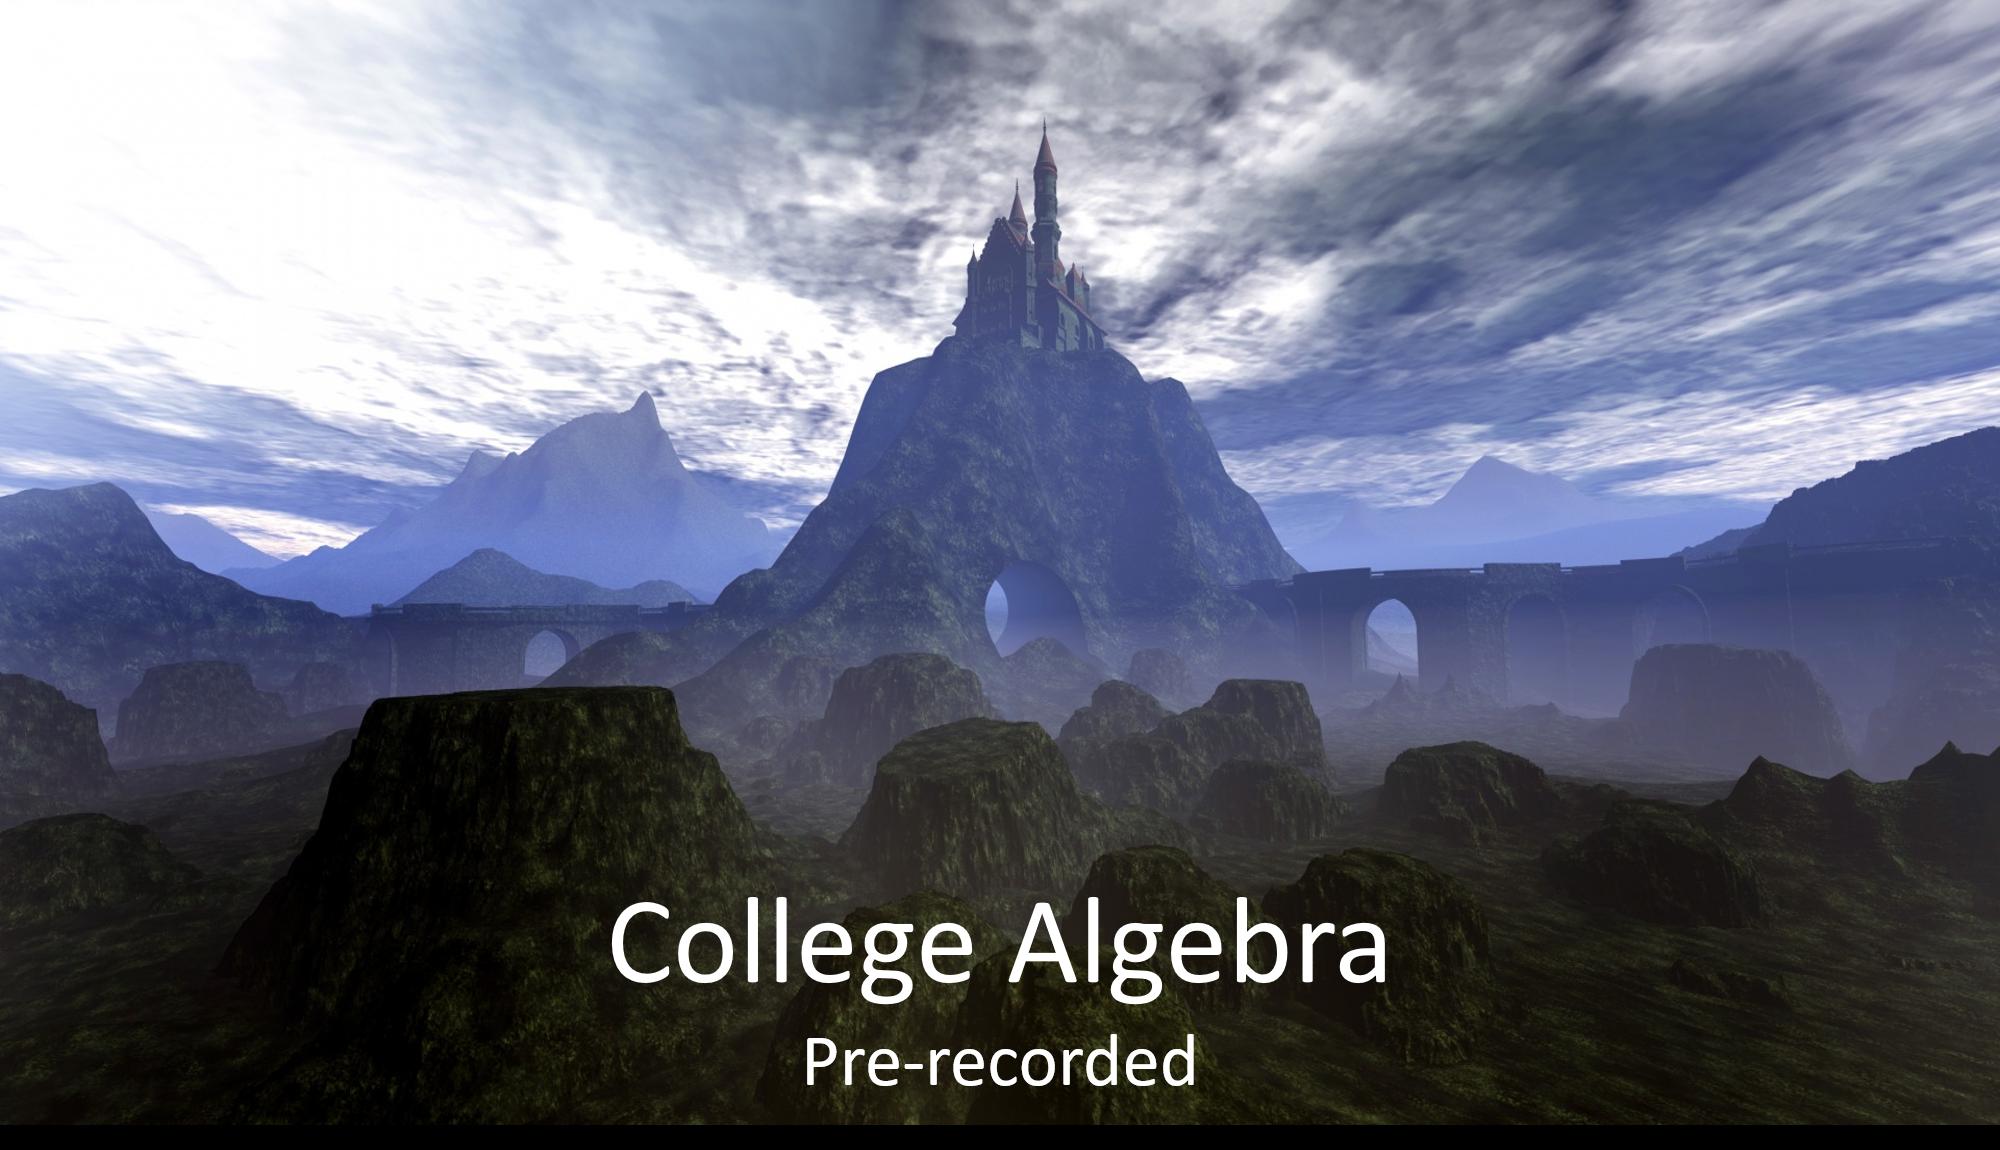 College Algebra (Pre-recorded)